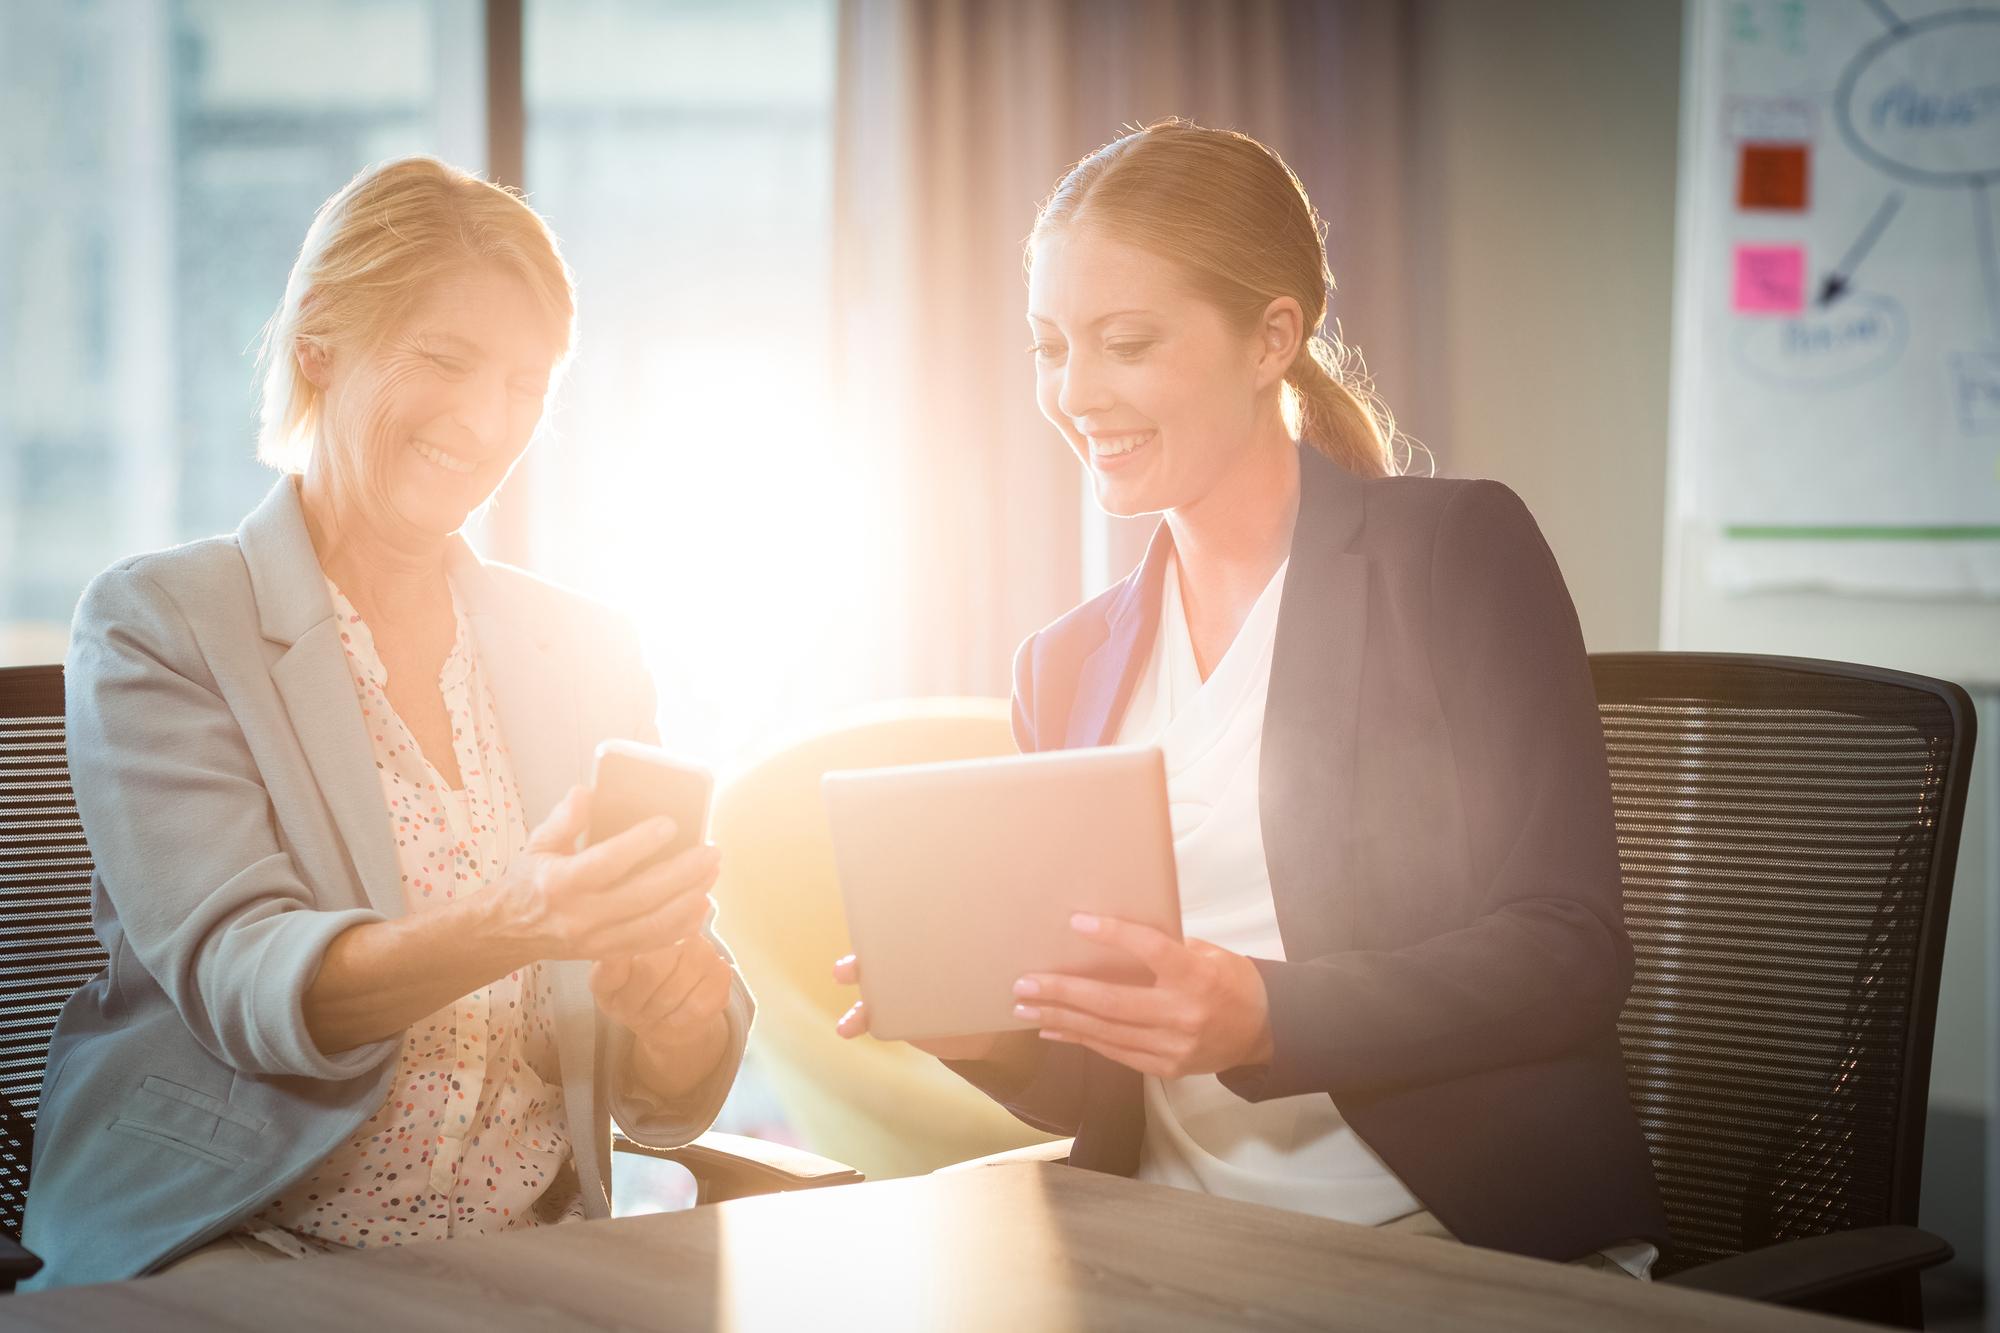 専門性を極めたいプロ志向なら海外企業の方が合う?